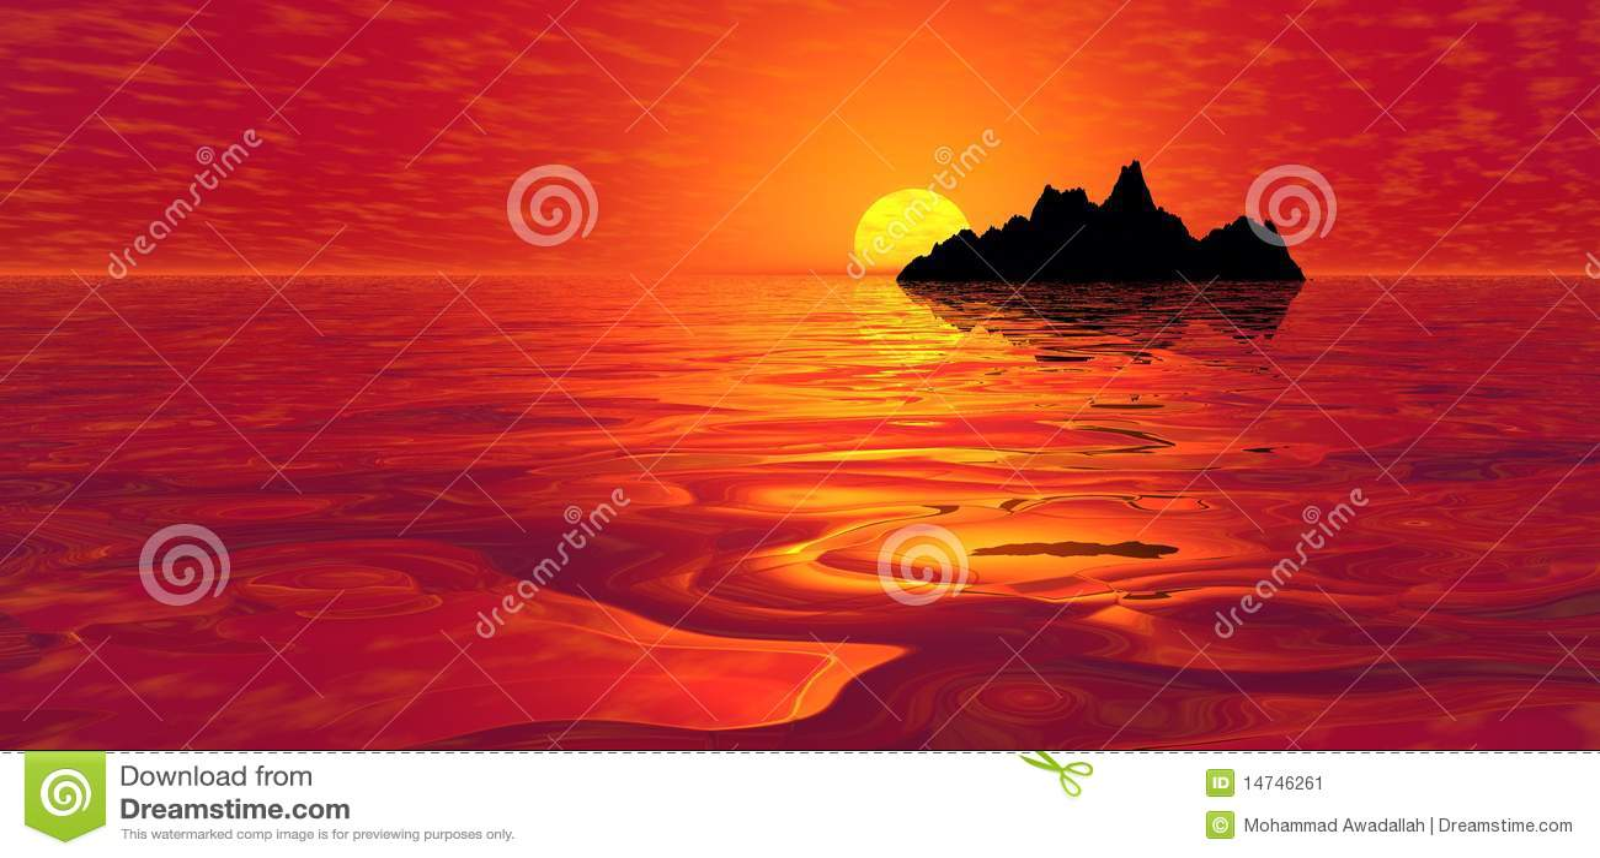 Nad czerwonym zmierzchem wyspa ocean